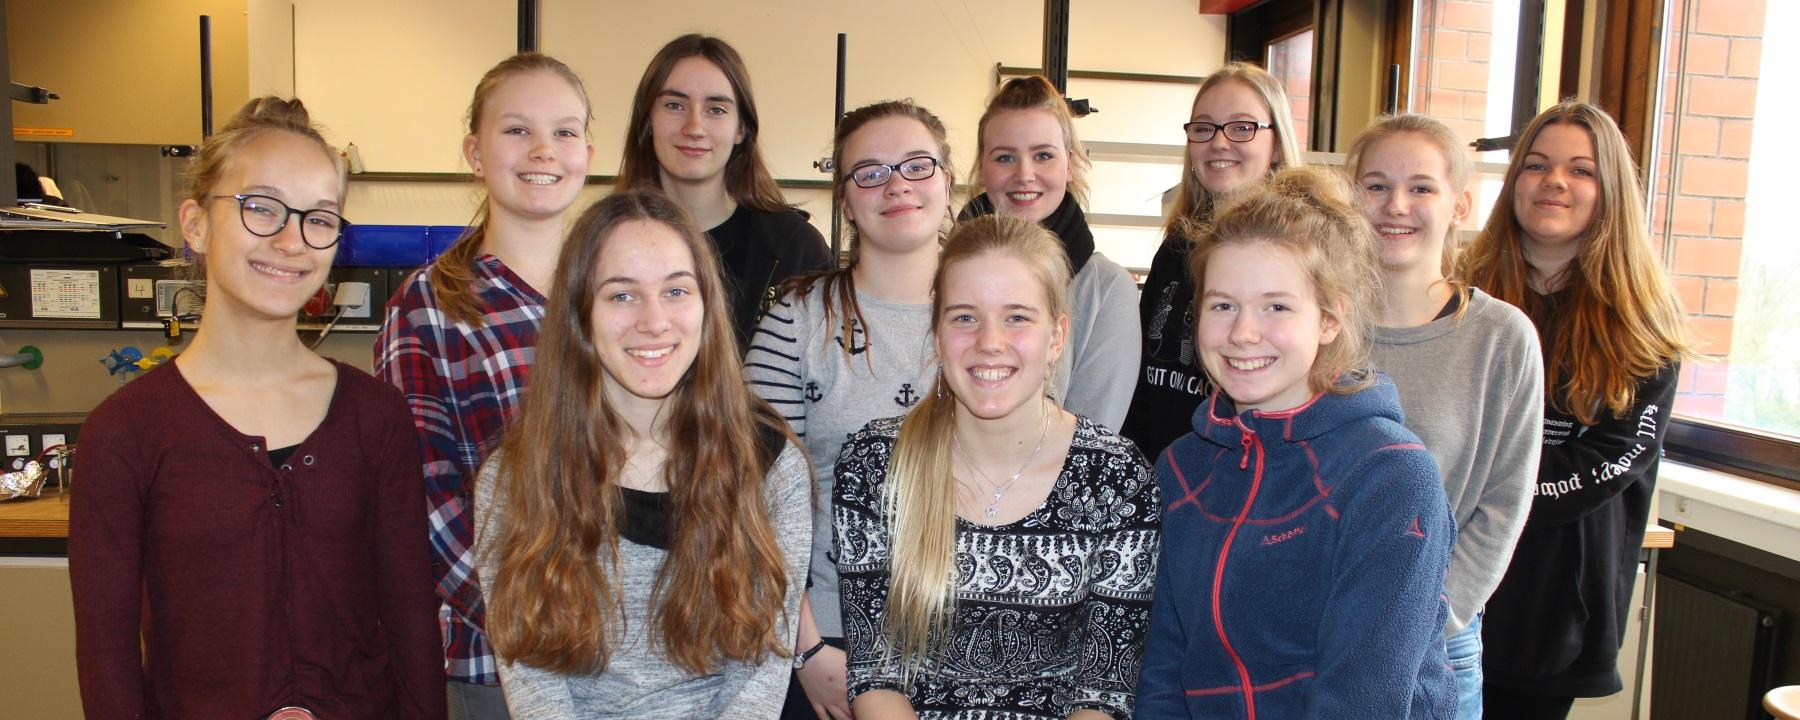 Physiktag für Mädchen an der Universität Oldenburg: eine neue Veranstaltung von XperimenT!